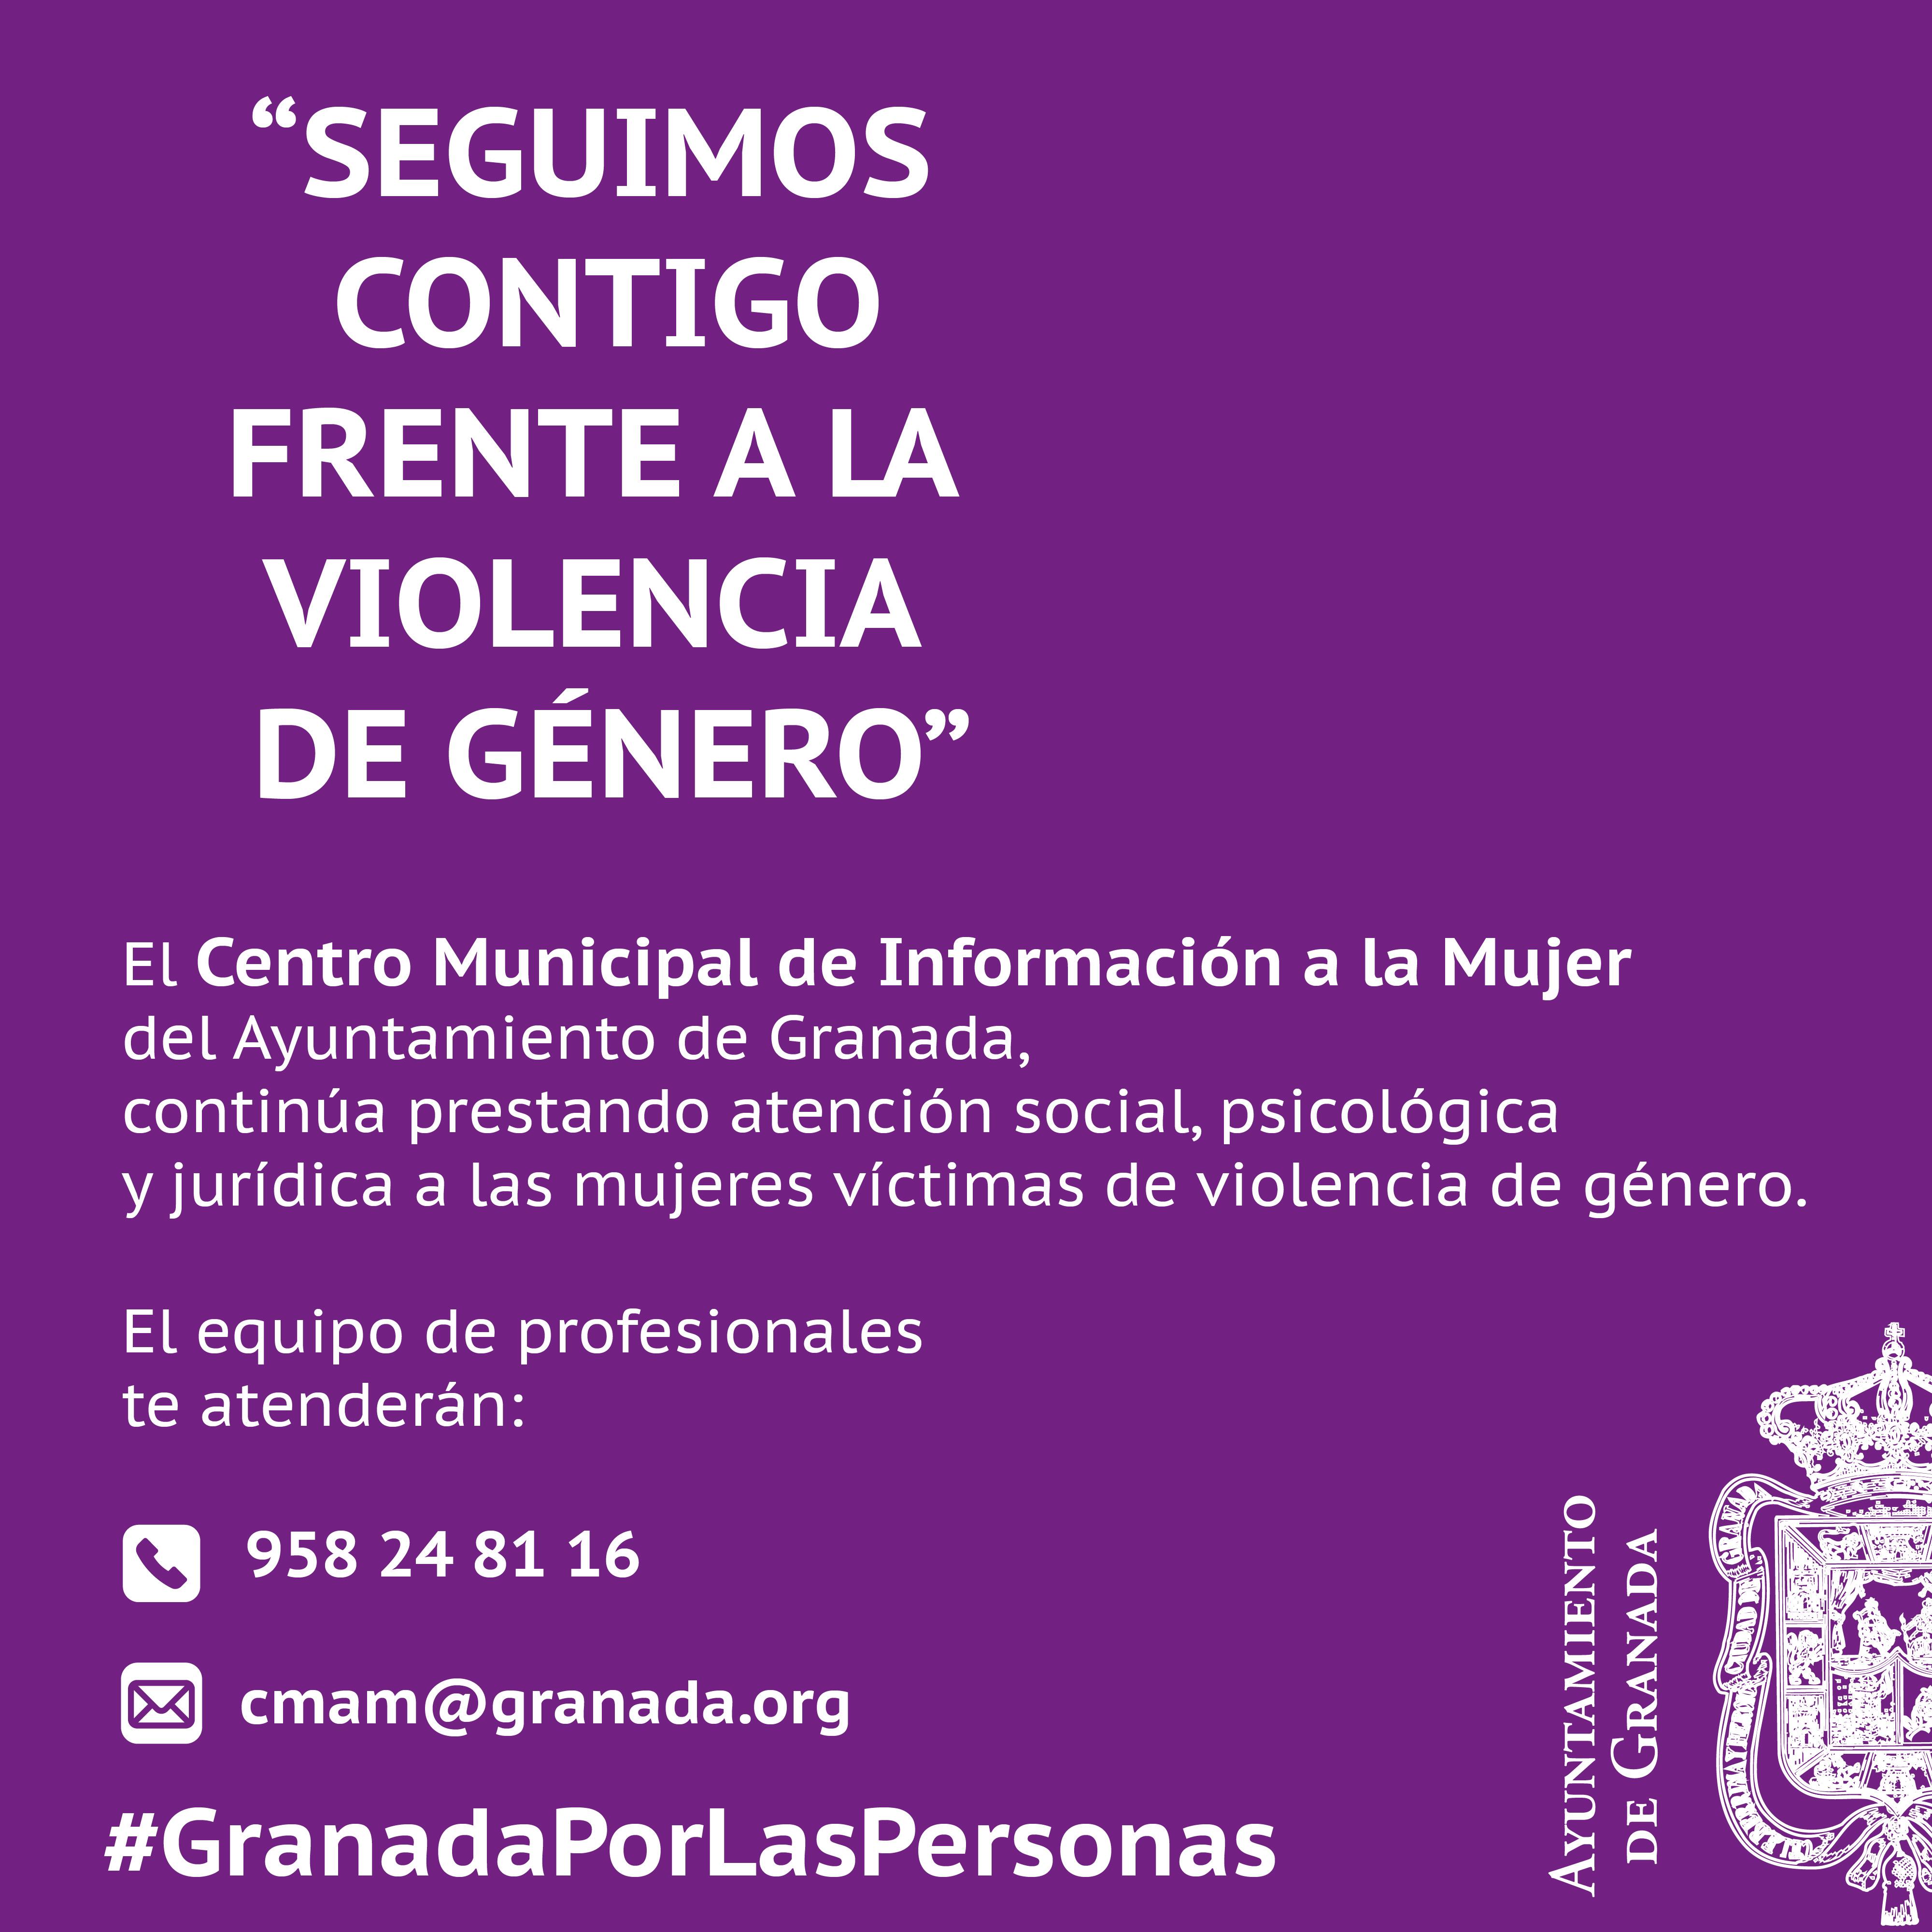 El Ayuntamiento de Granada atiende a 262 mujeres víctimas de violencia de género desde el inicio del confinamiento